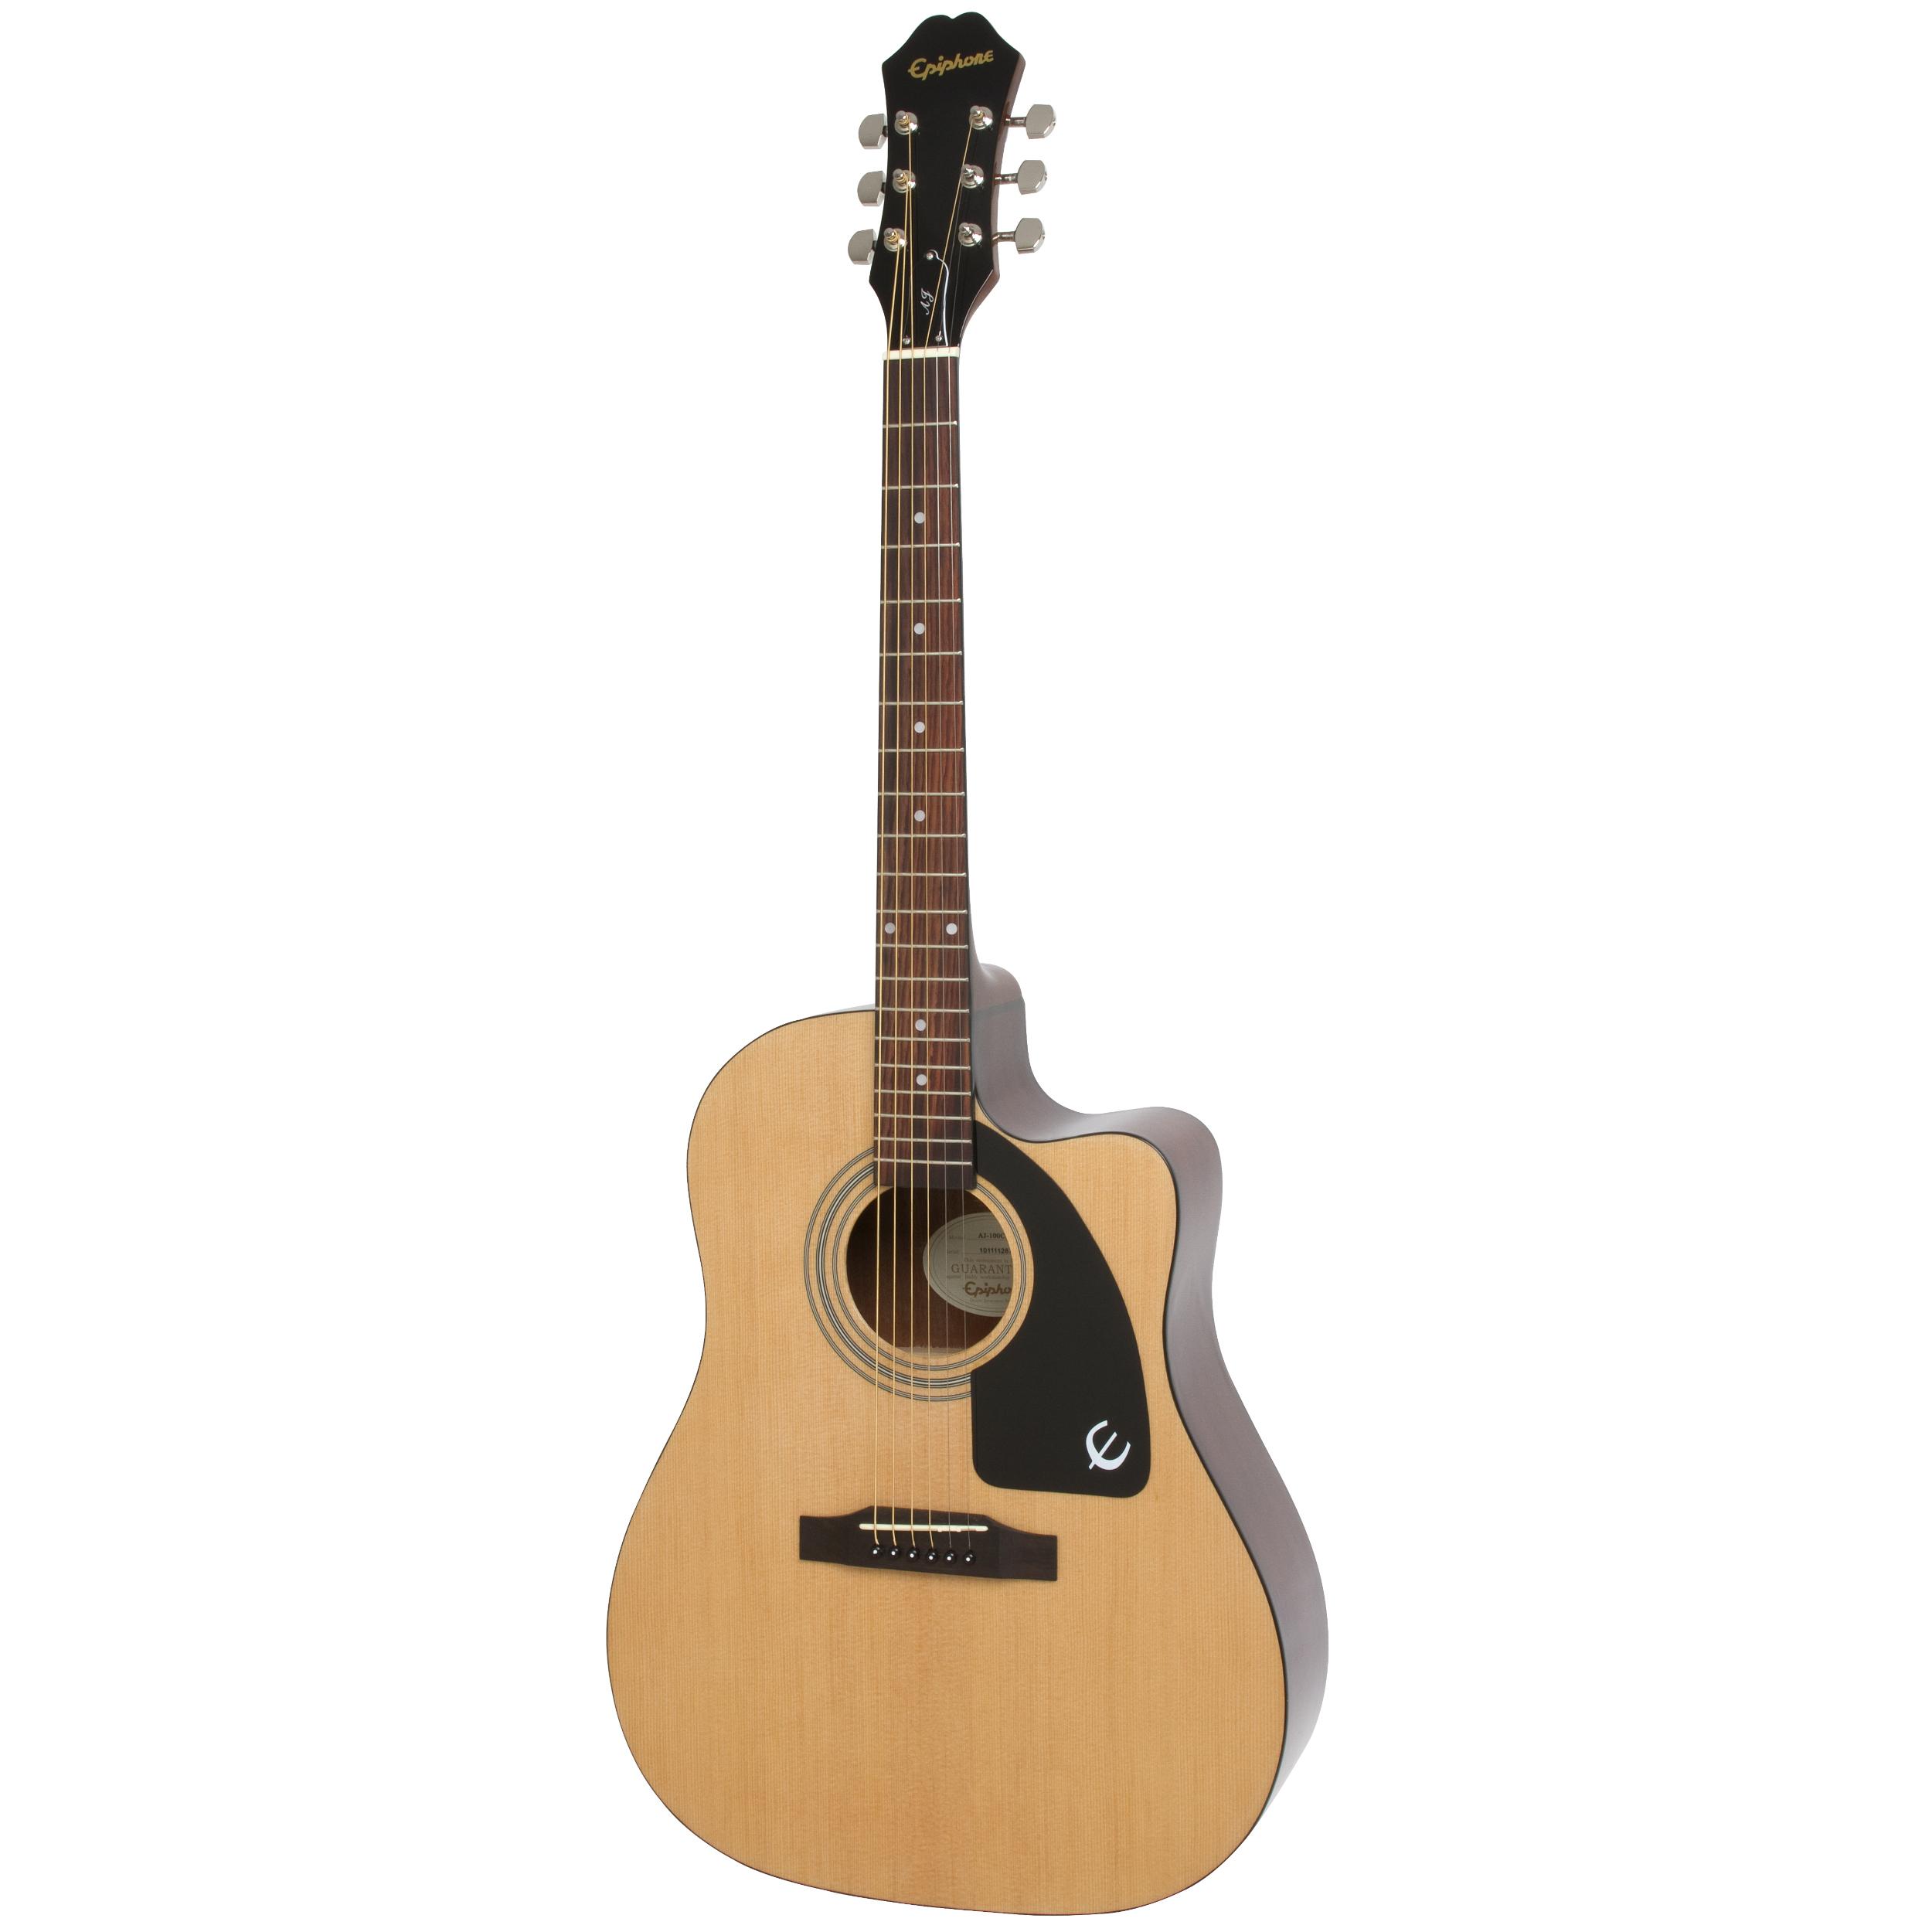 Epiphone AJ-100CE - Natural Guitar